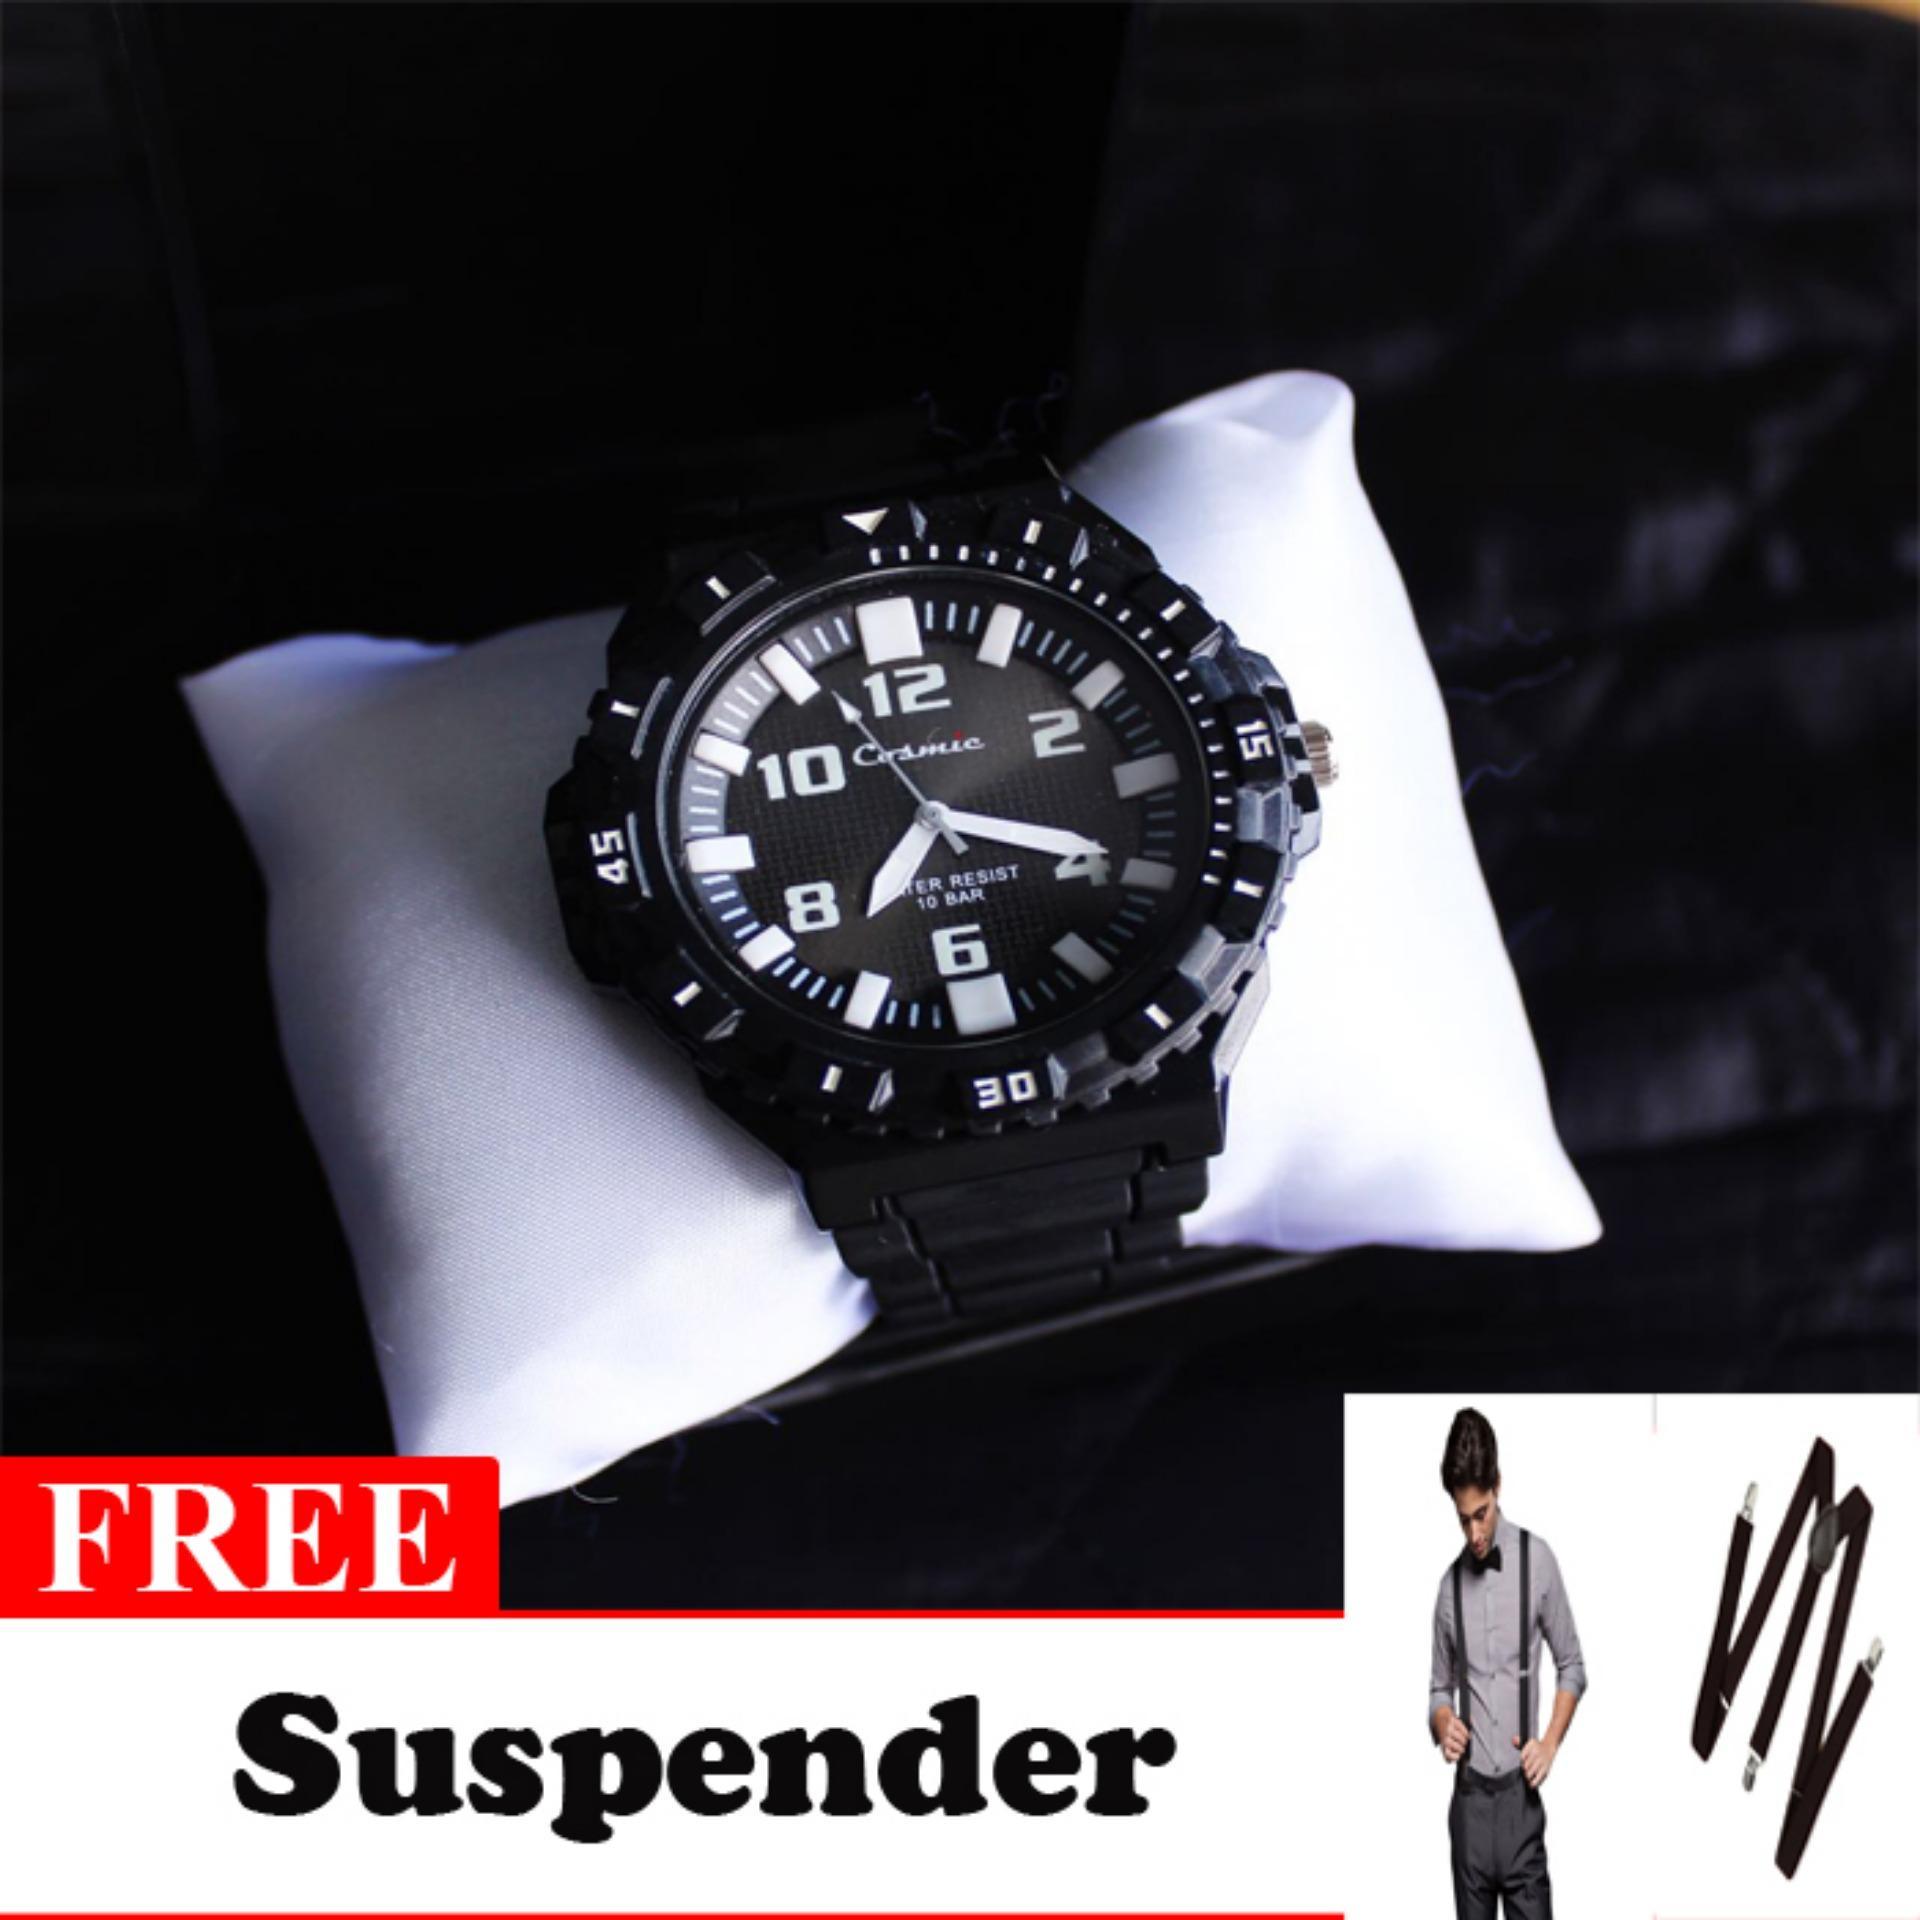 Cosmic Zero Jam Tangan Sport Analog - Hitam Free Suspender